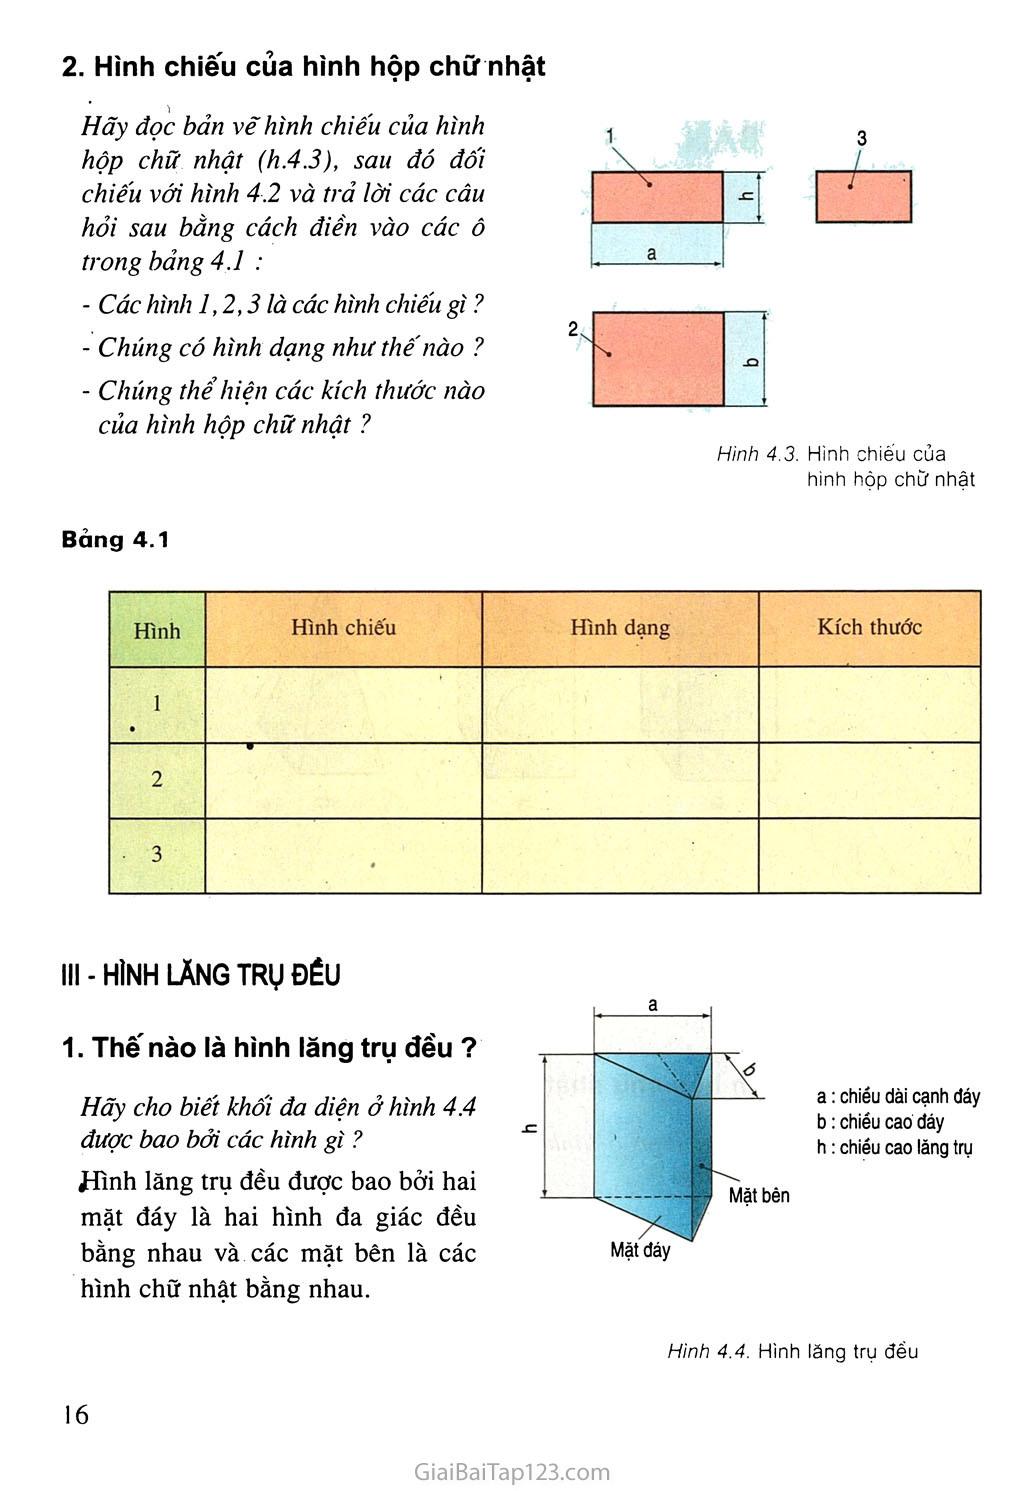 Bài 4. Bản vẽ các khối đa diện trang 2